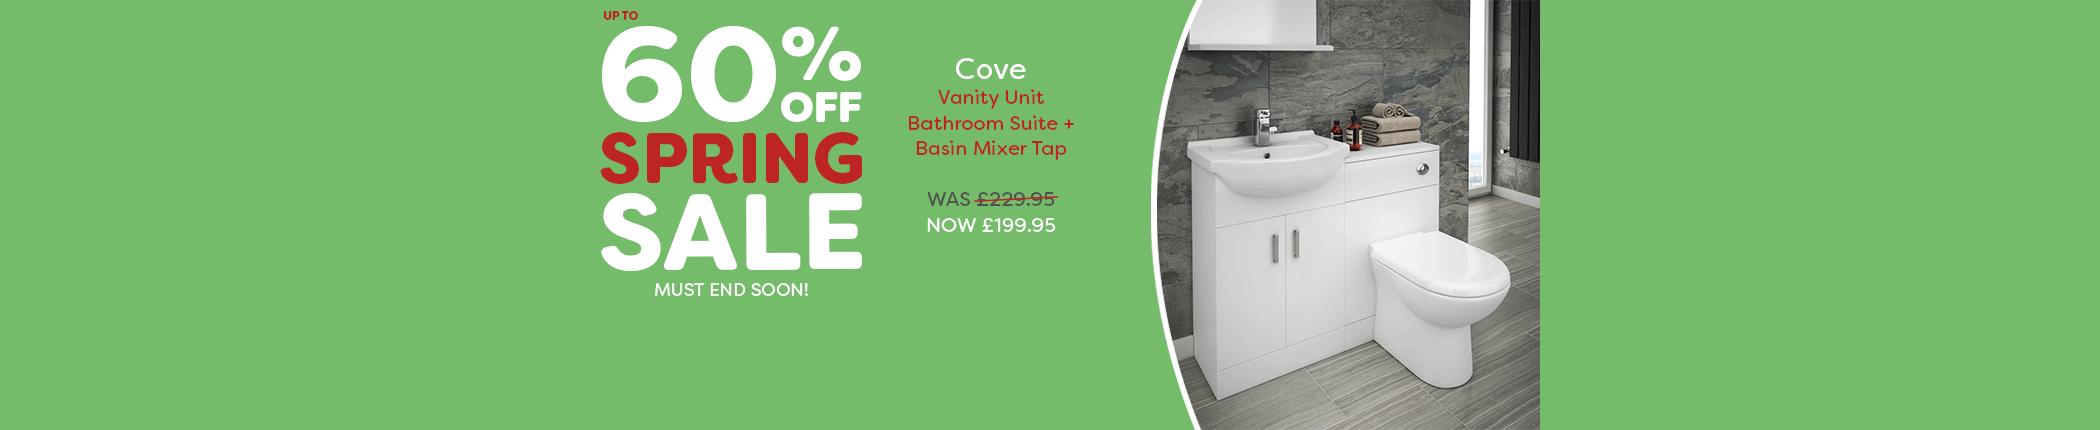 spring-sale-cove-vanity-unit-bathroom-suite-countdown-mar17-hbnr